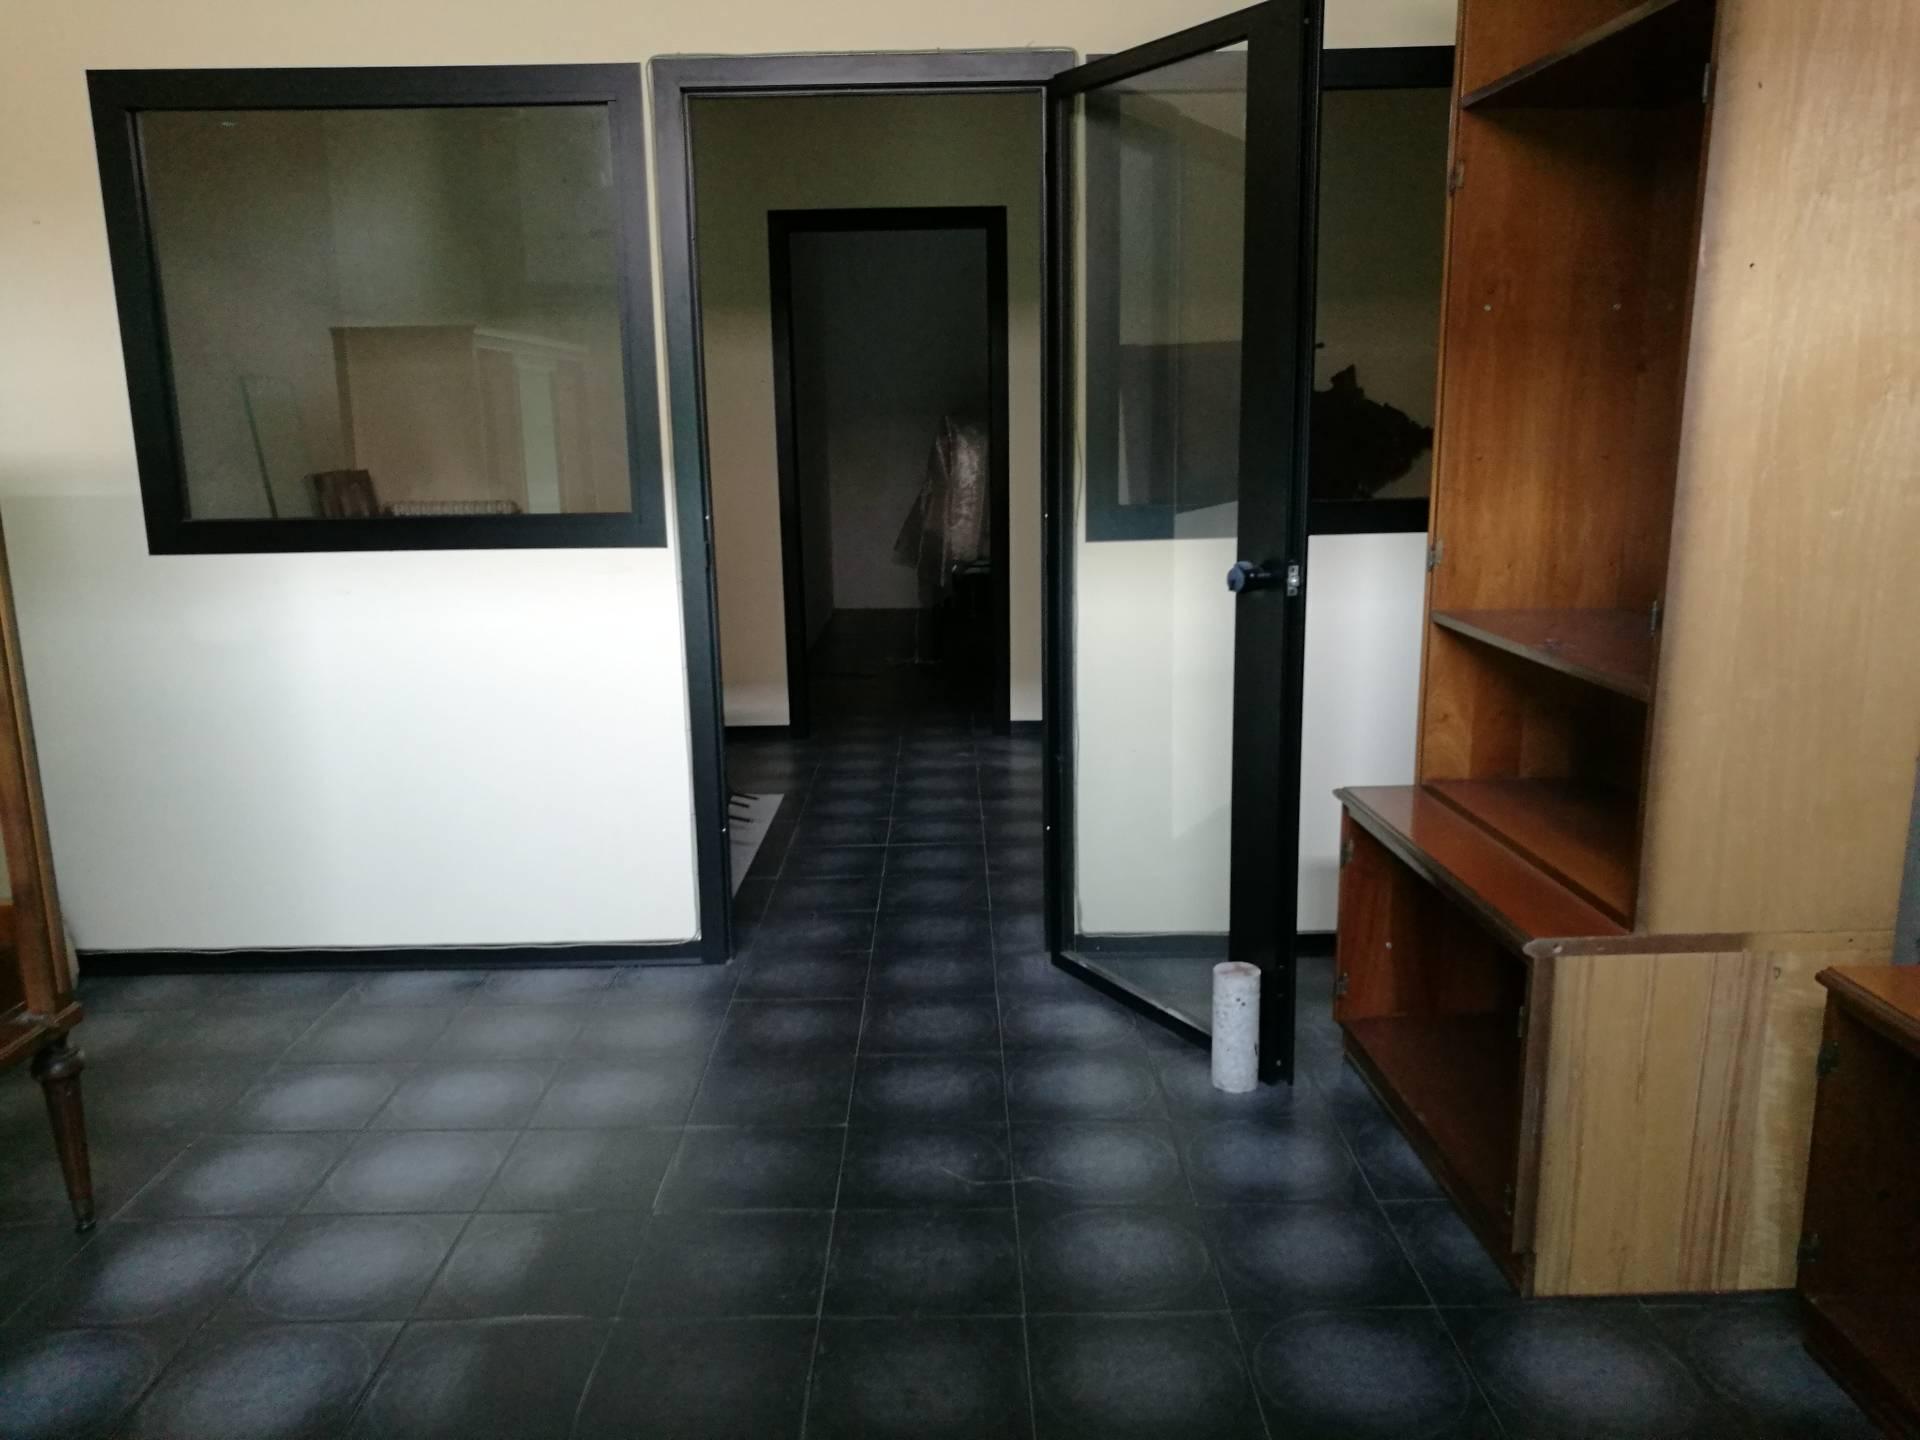 Ufficio / Studio in affitto a Lugo, 9999 locali, zona Località: centro, prezzo € 280 | Cambio Casa.it